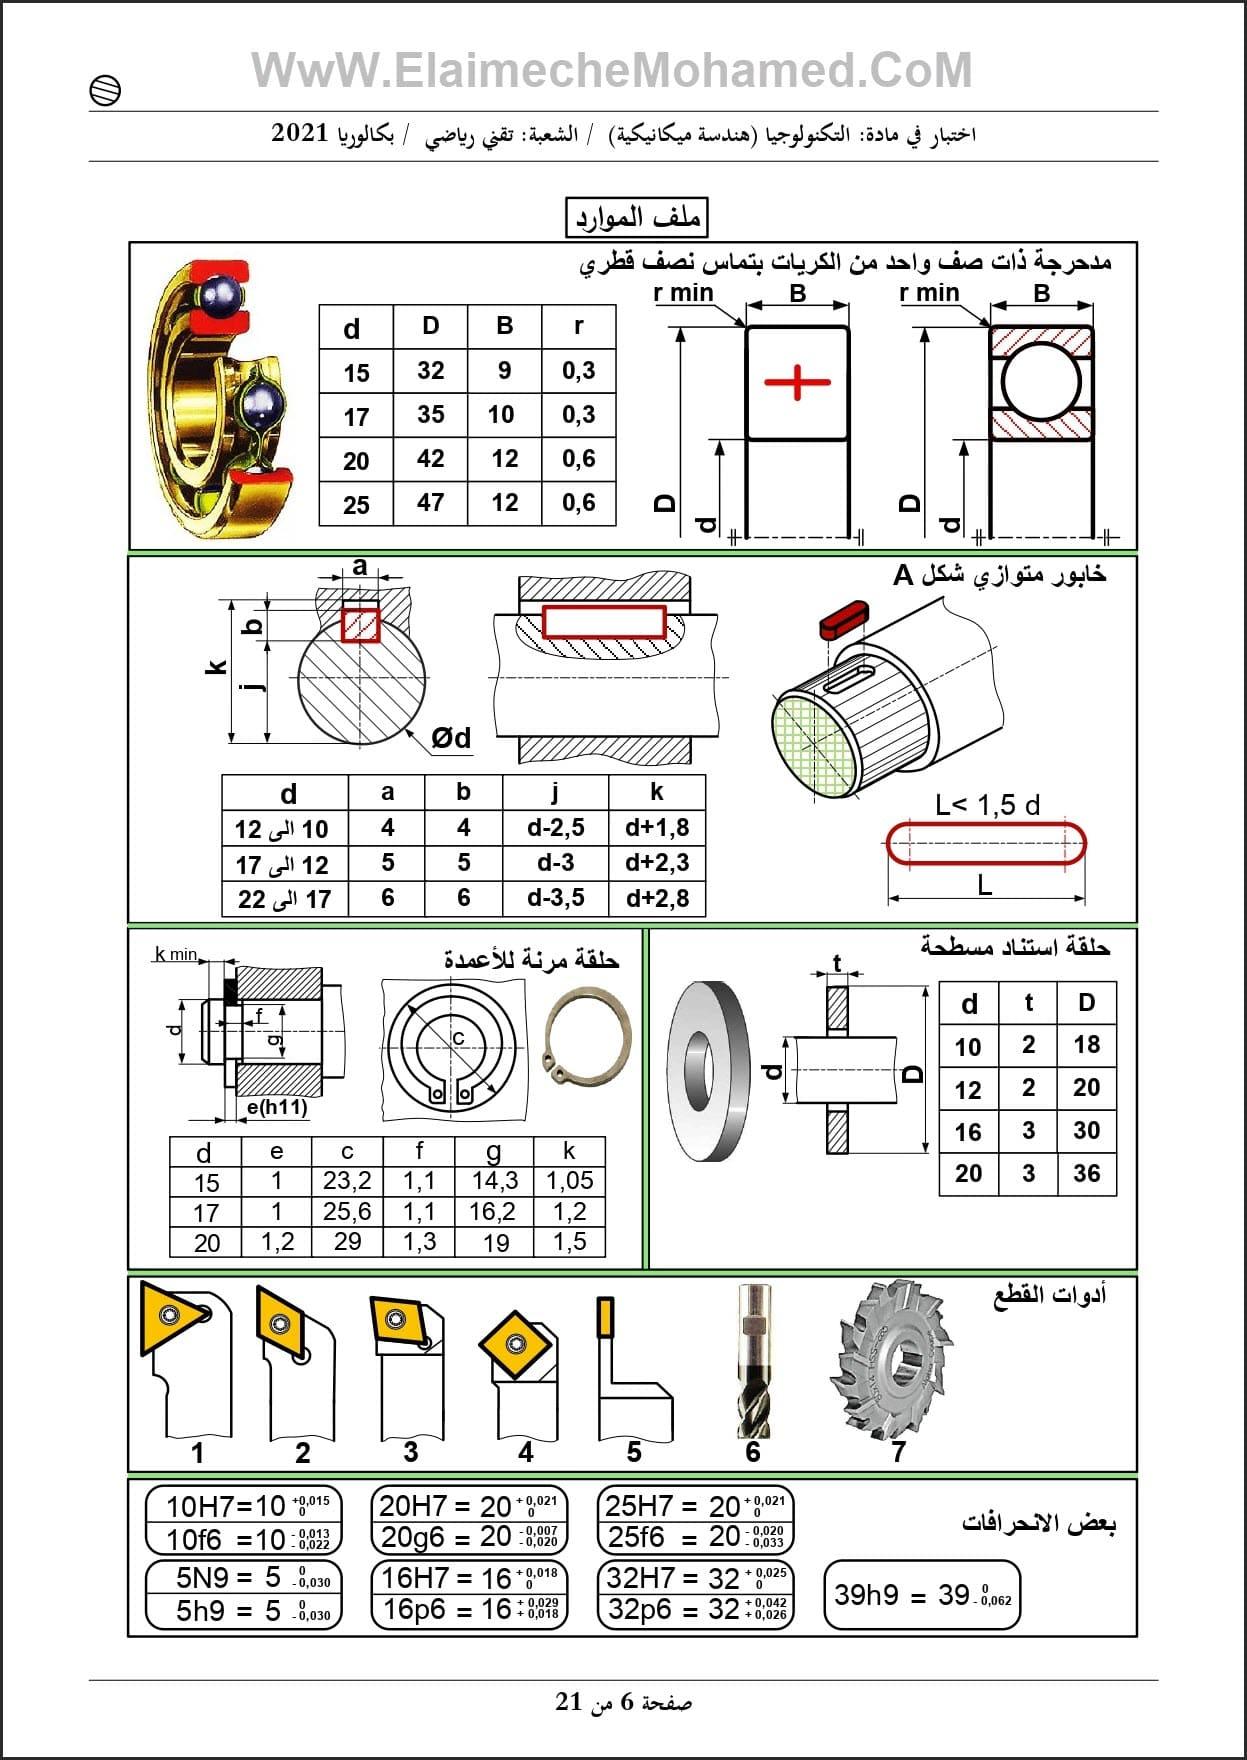 اختبار مادة الهندسة الميكانيكية مع الحل